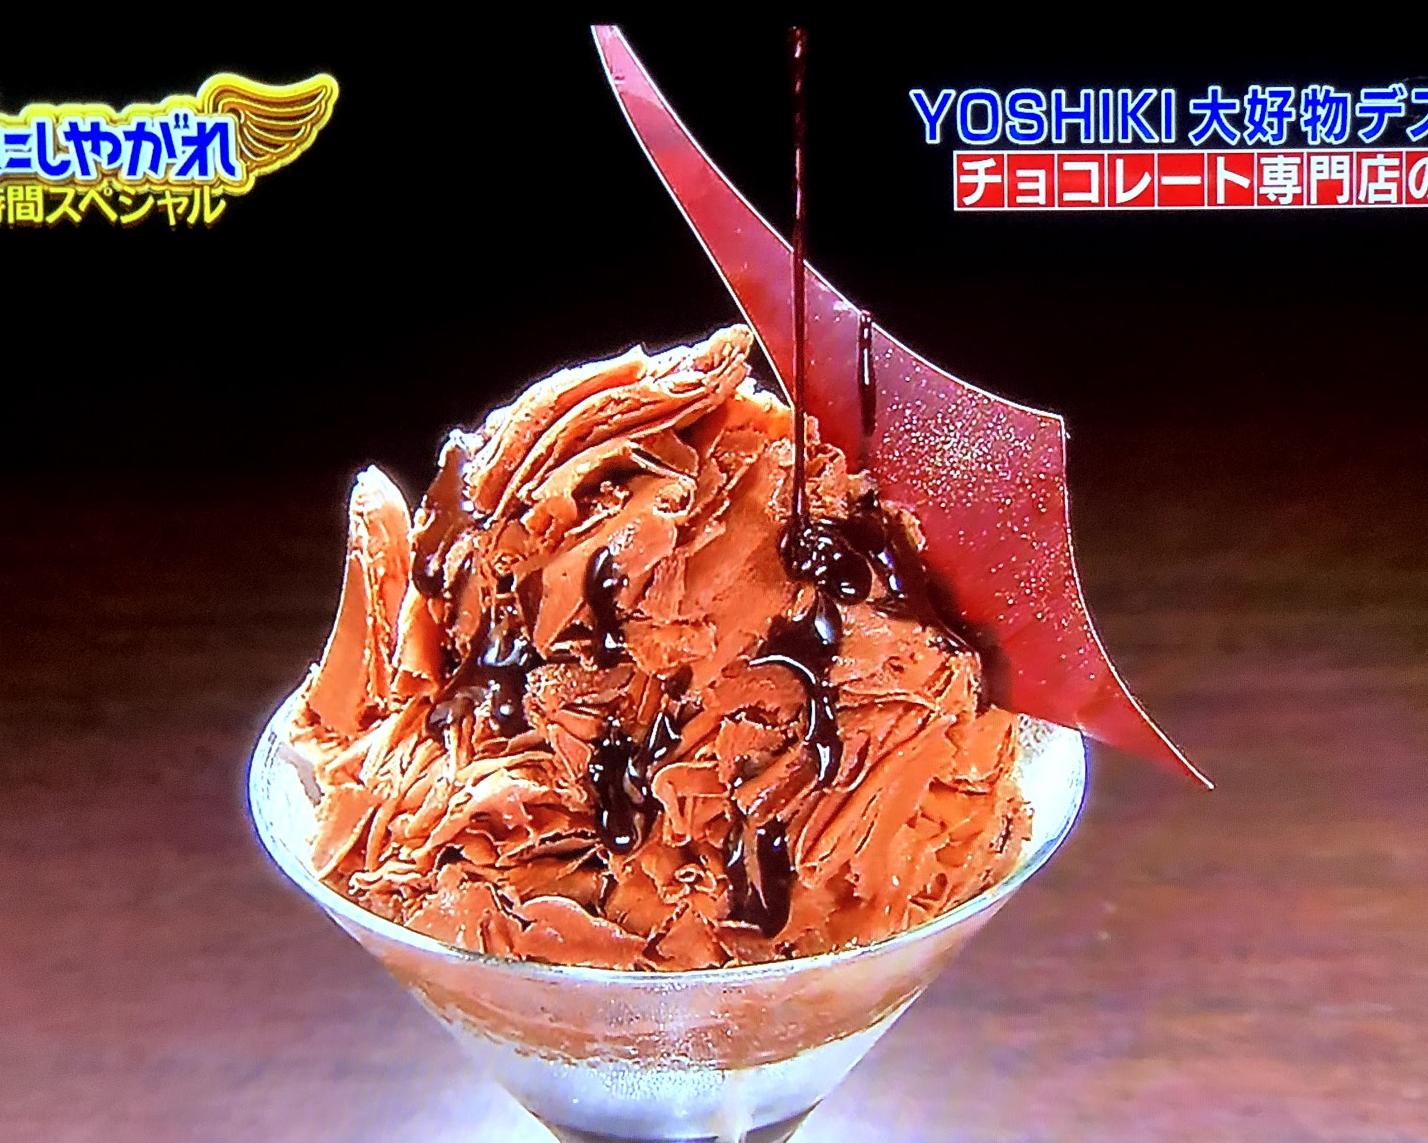 嵐にしやがれ|YOSHIKI絶賛チョコレートかき氷のお店はどこ?